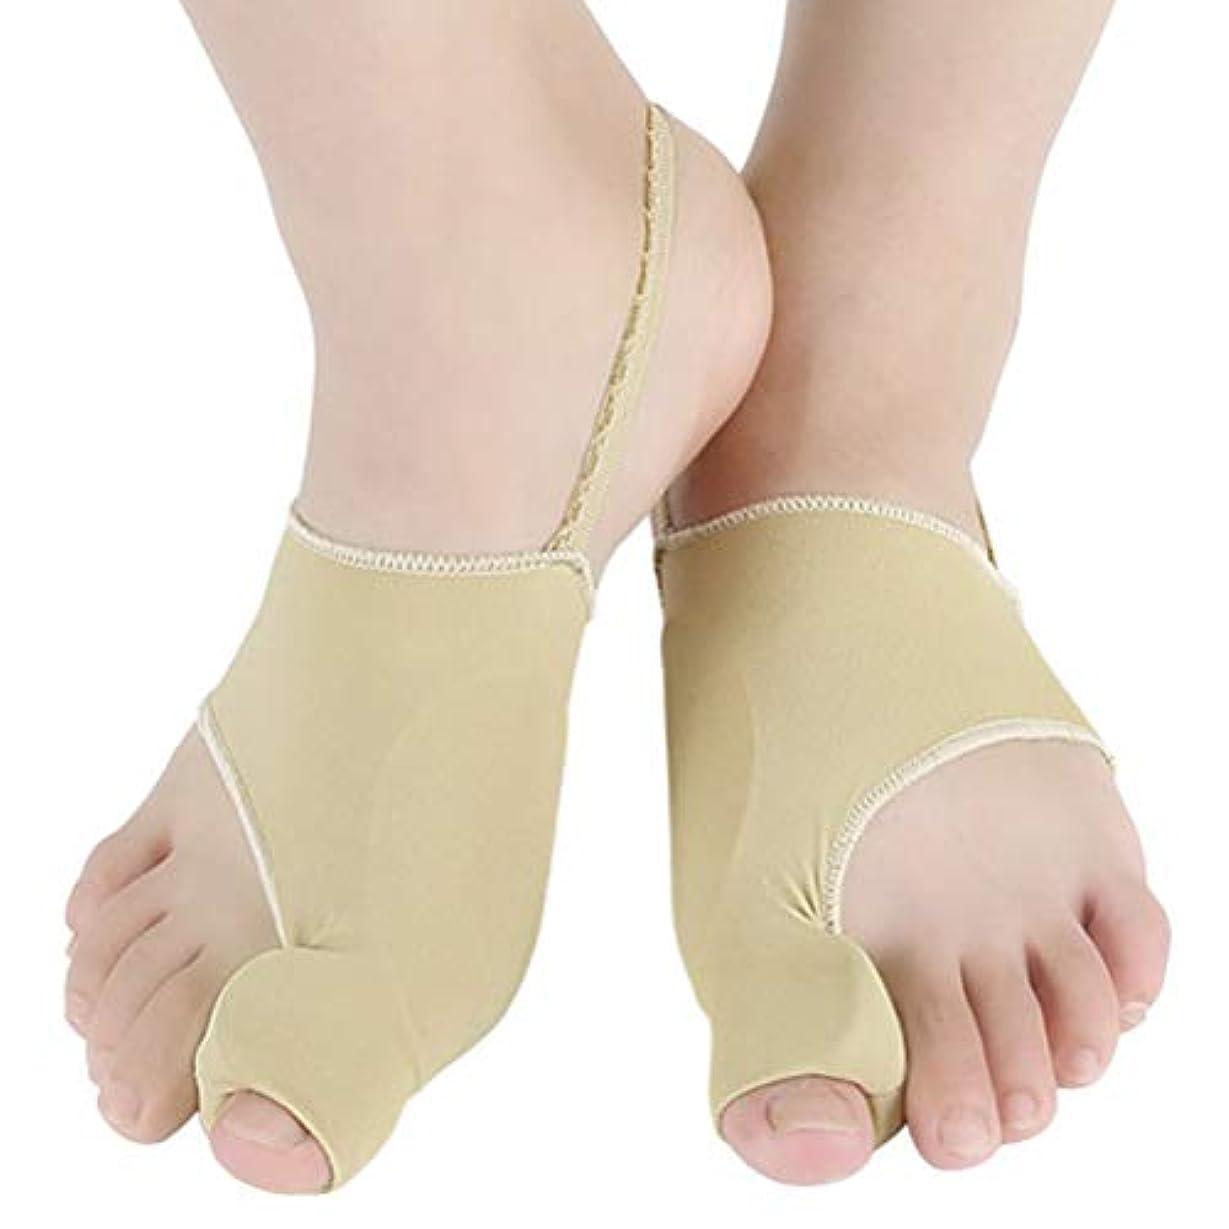 交差点批判的これまでHeallily 足首矯正用1対のつま先ブレース親指調整可能な腱膜プロテクター副脚の母趾外反治療用(カーキサイズS)